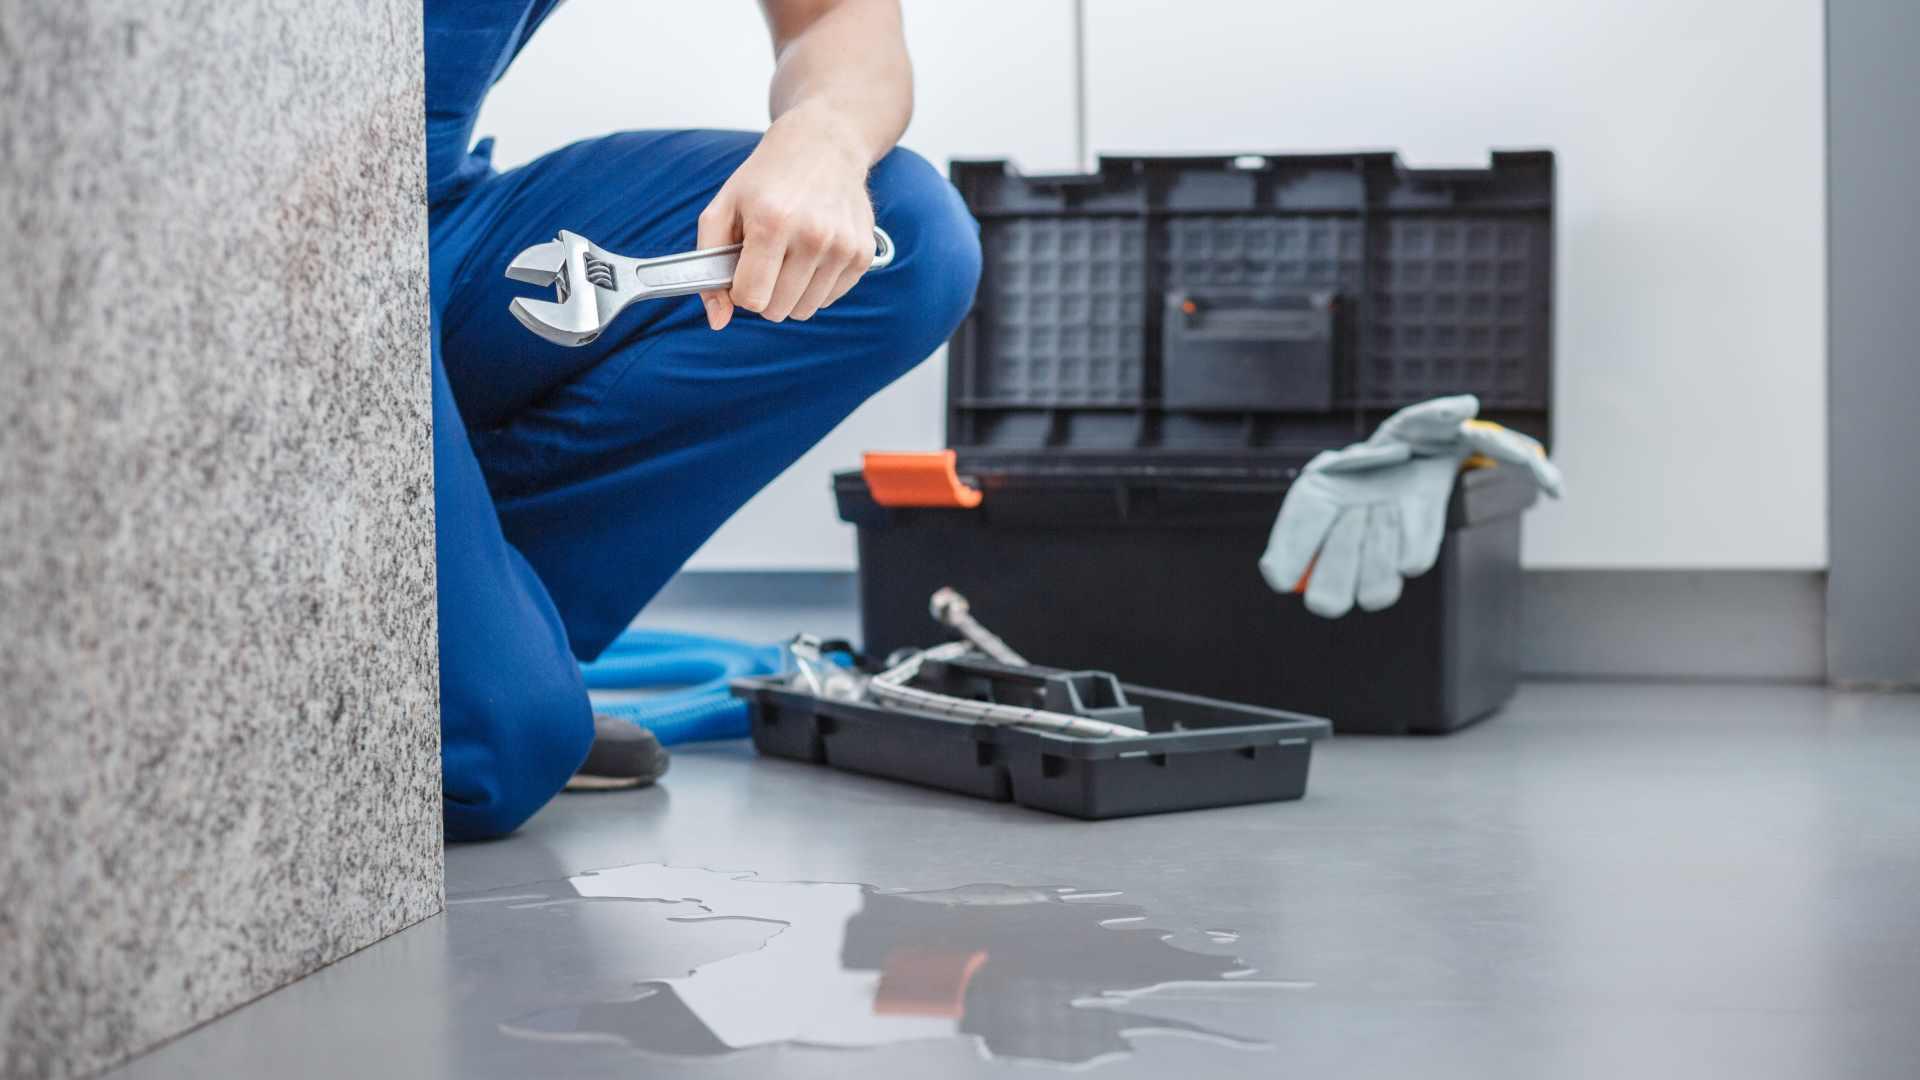 Notfall, Leck oder Ausfall der Heizung? - Heiko Blau - Sanitär und Heiztechnik